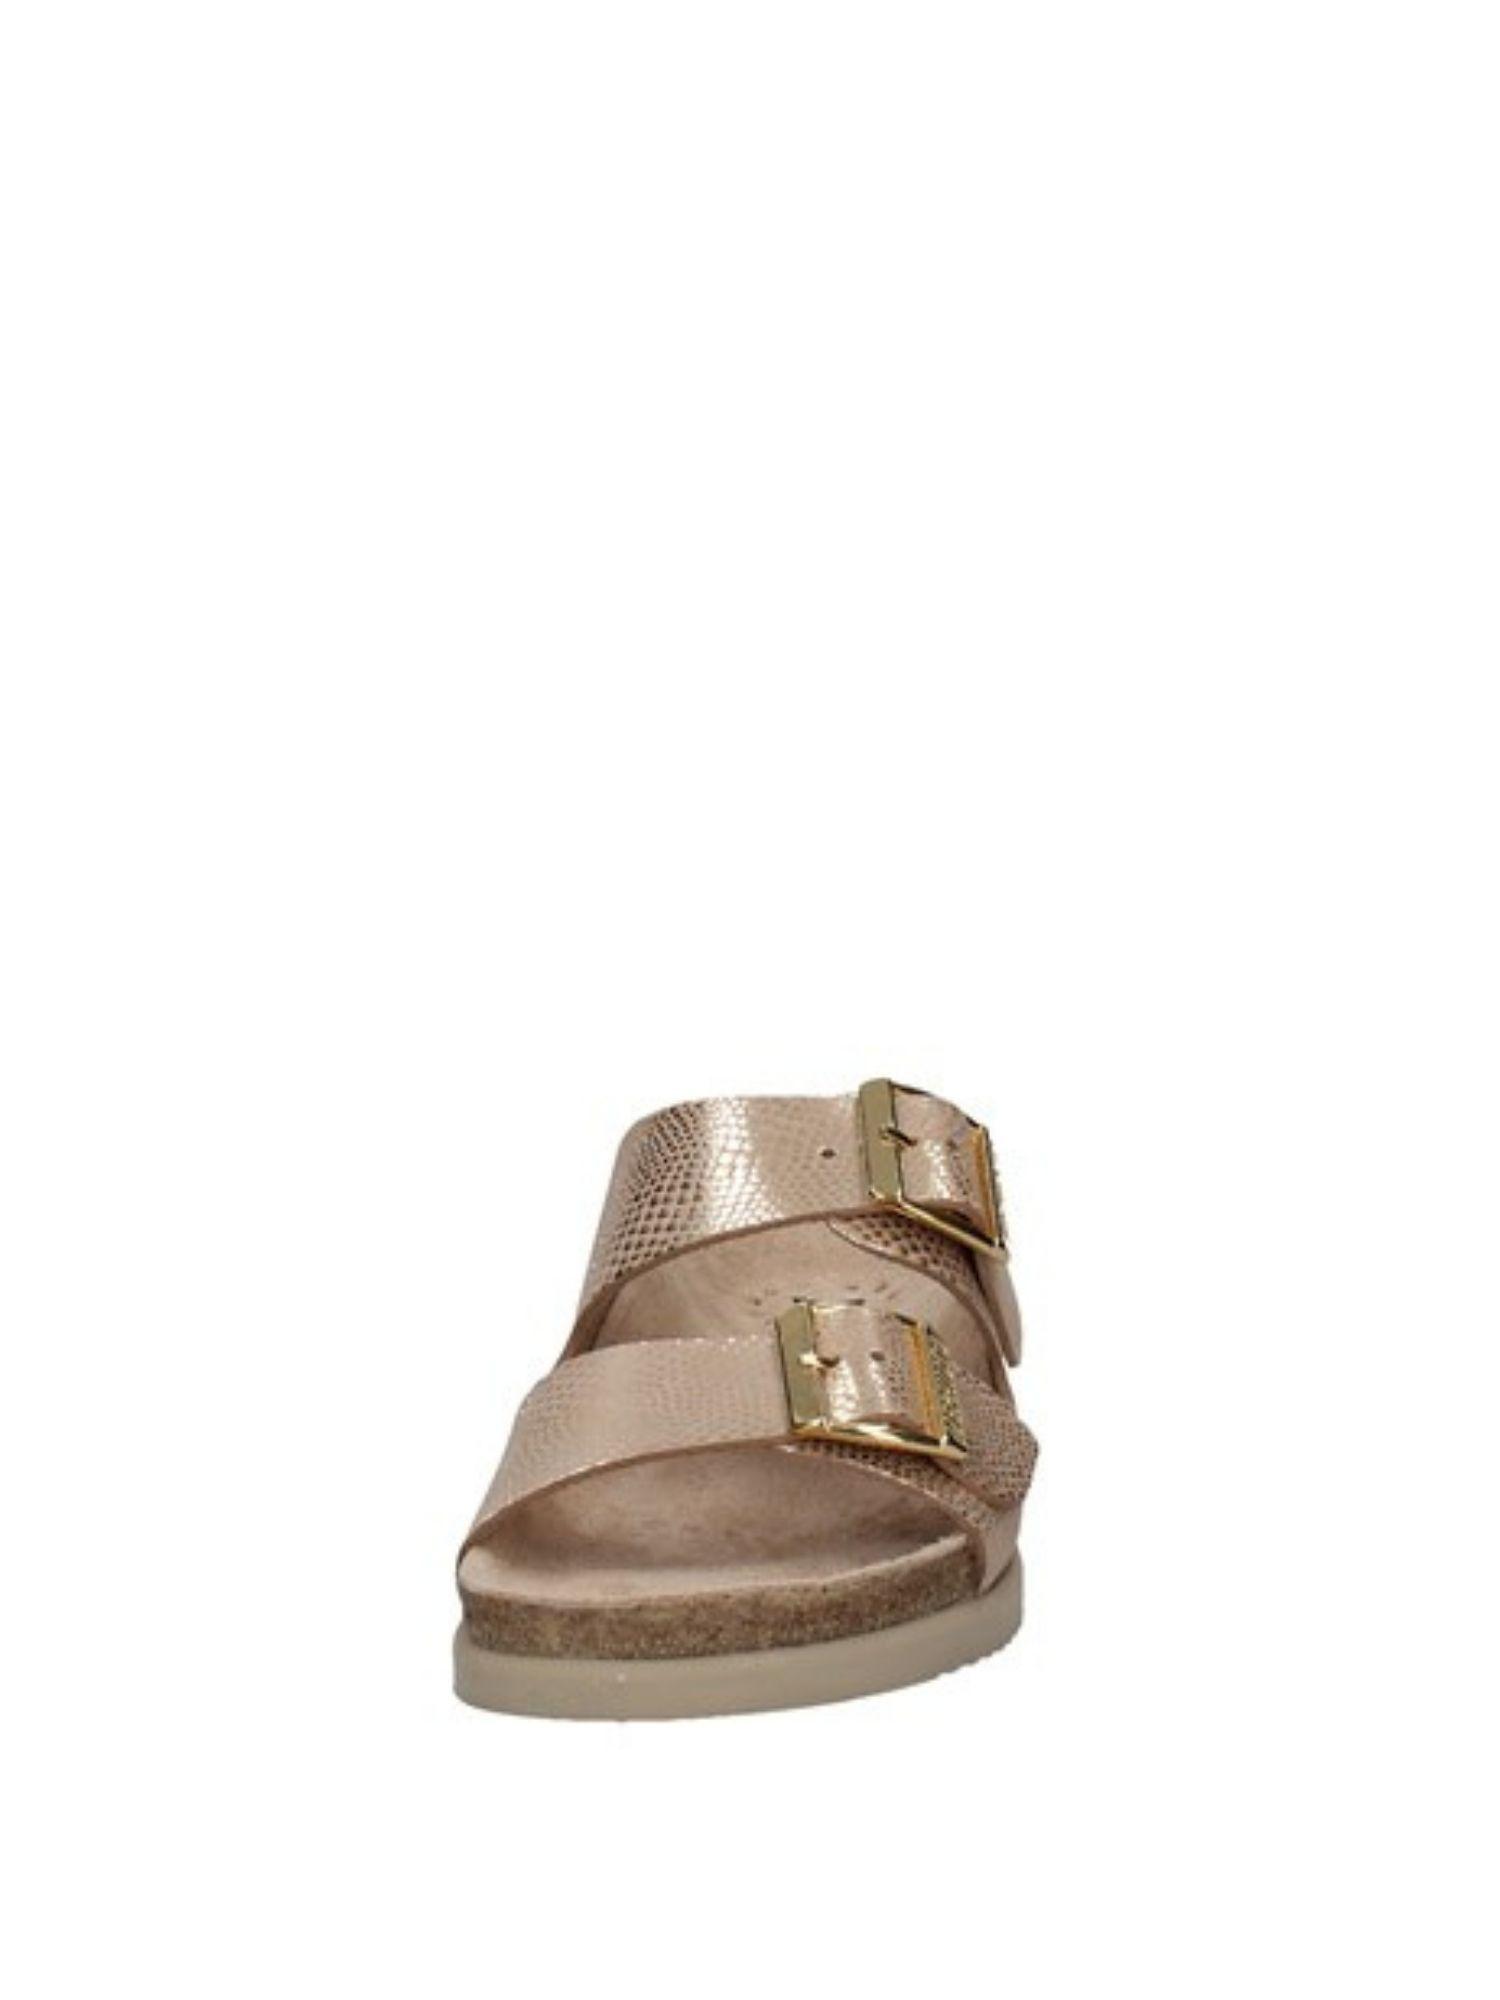 Sandalo Mephisto Hester Light Sand 3 1